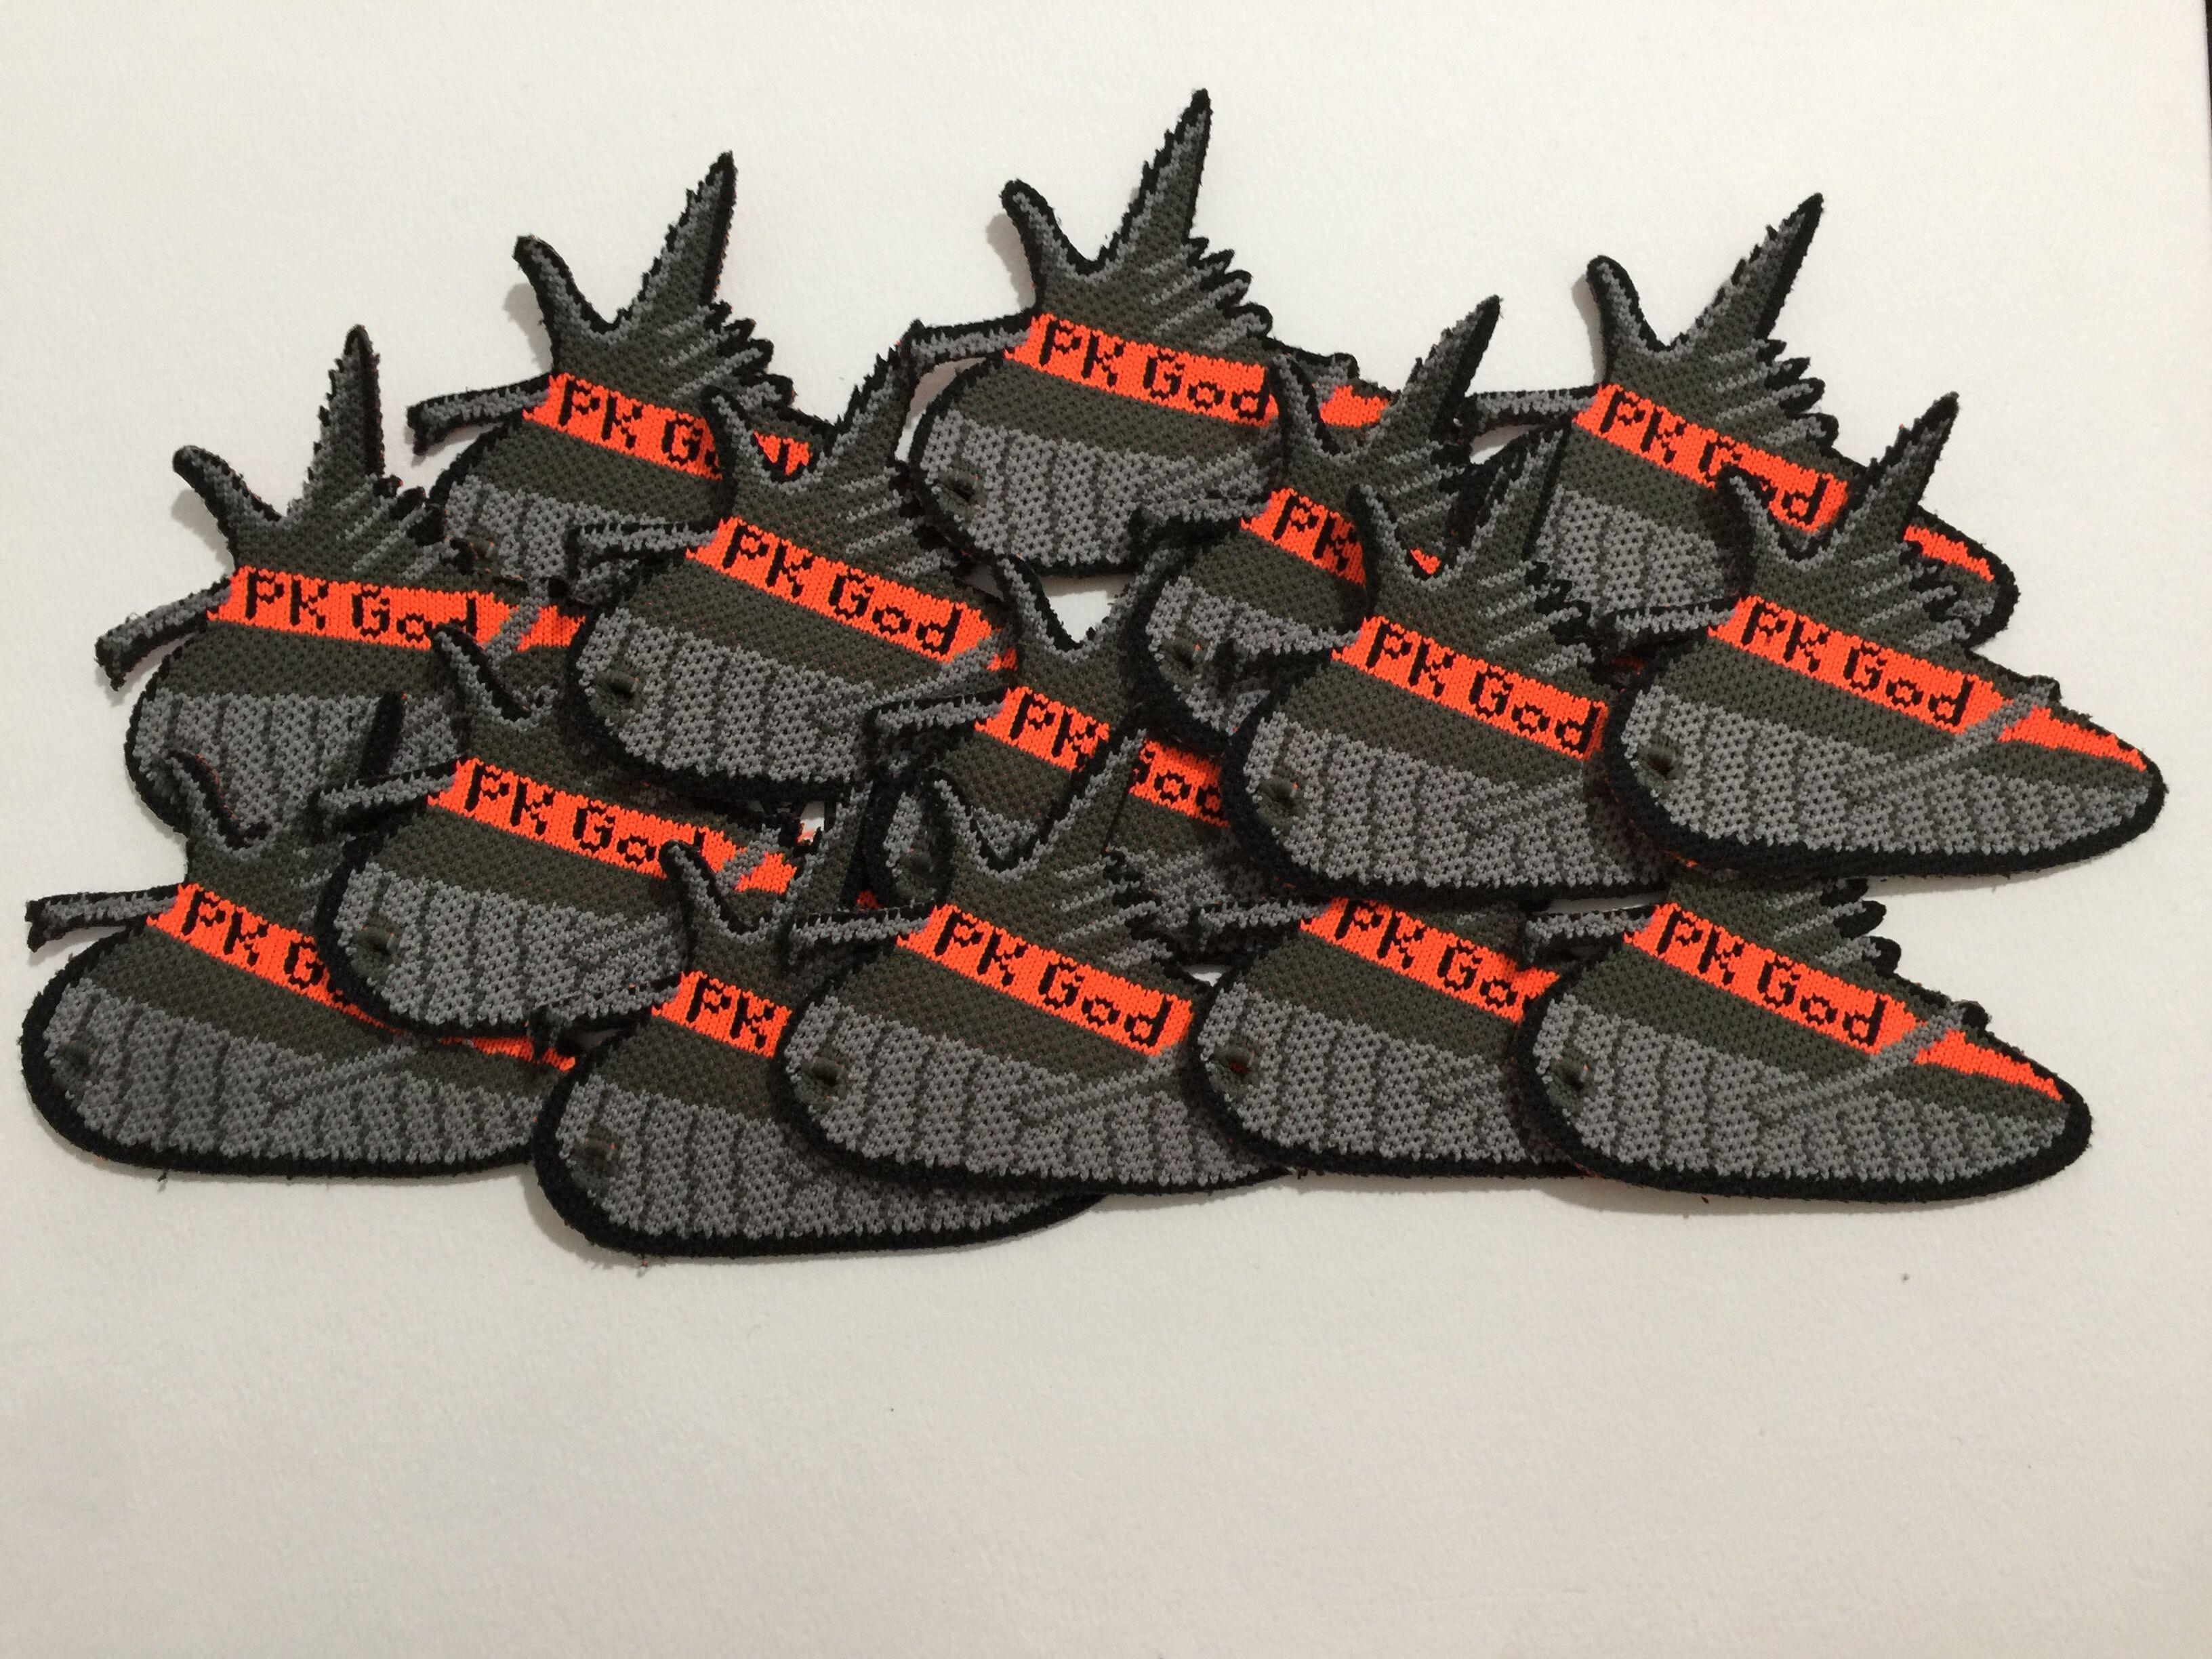 TAG giày PK GOD